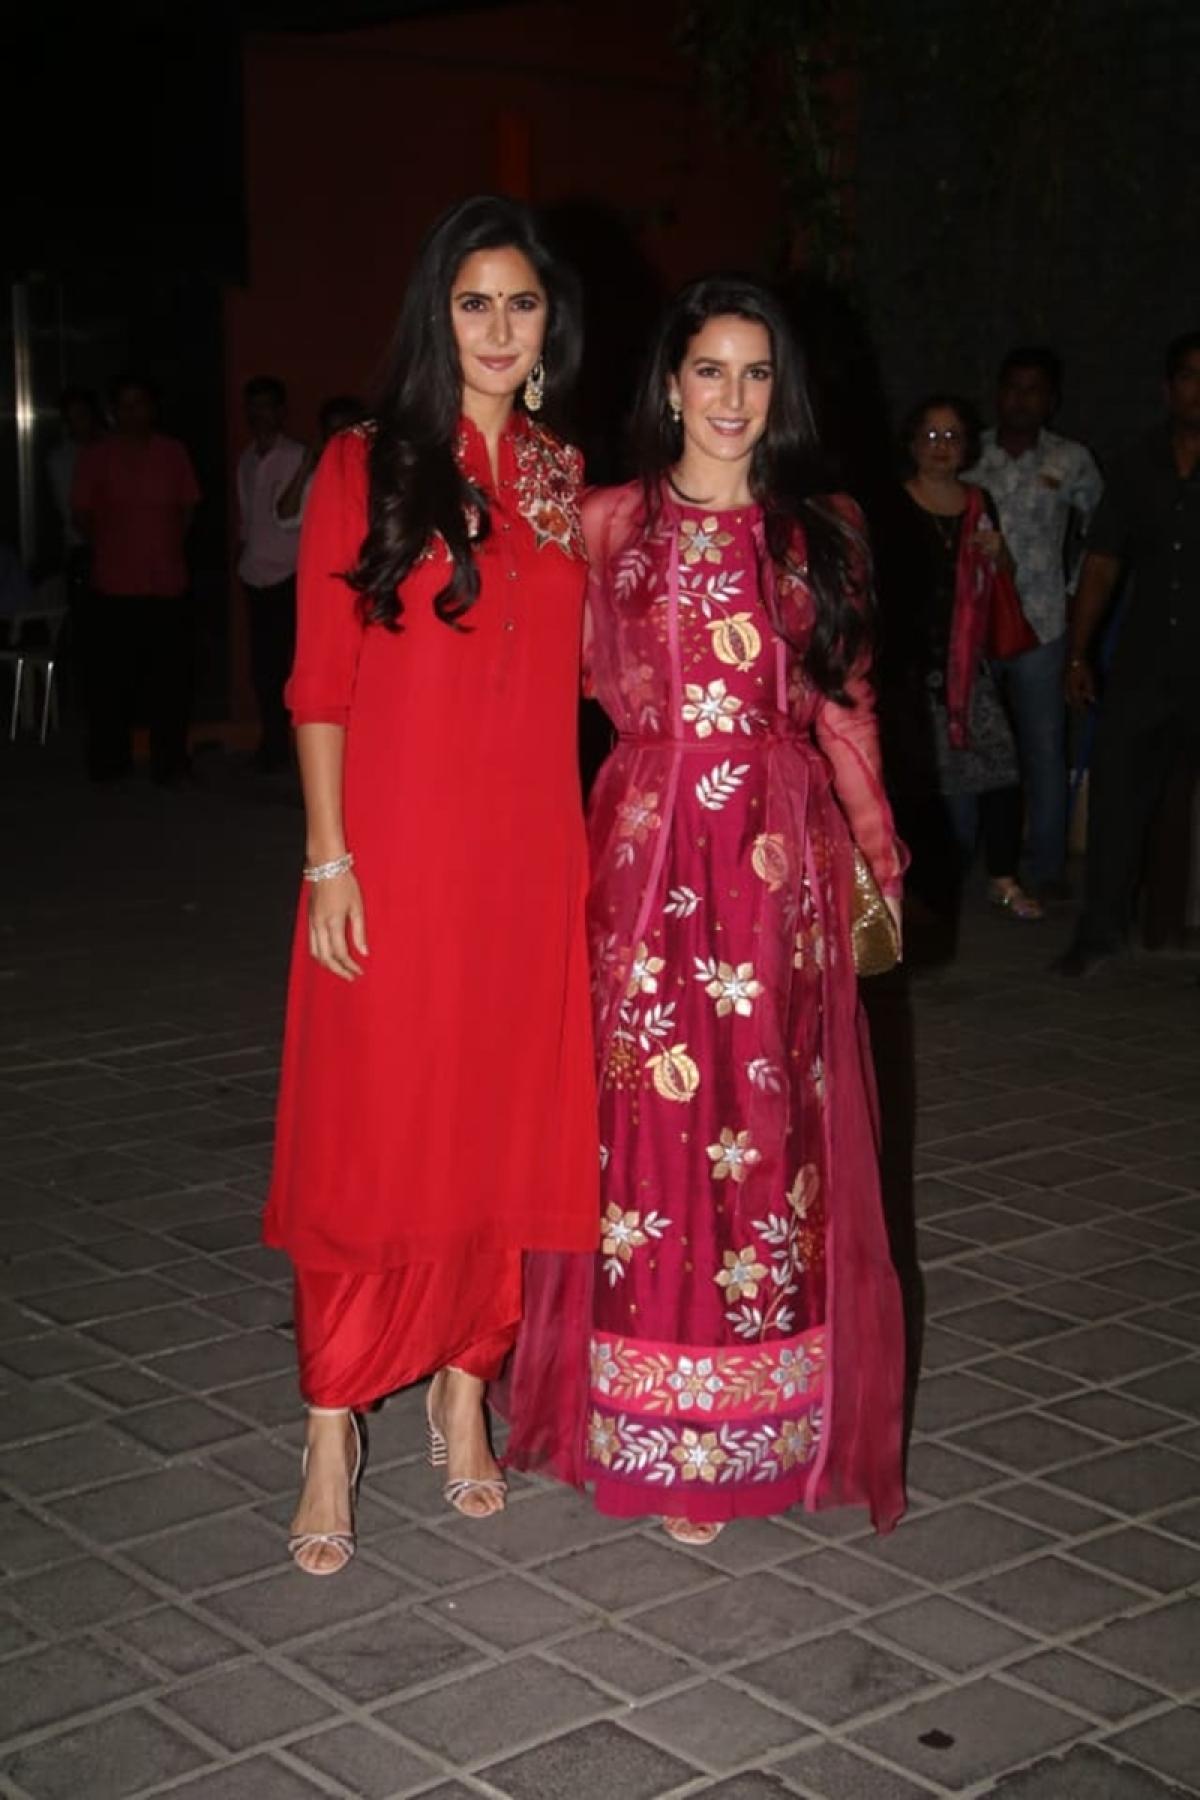 Katrina Kaif and her sister Isabelle Kaif at Mukesh Ambani's house. Photo By: Viral Bhayani